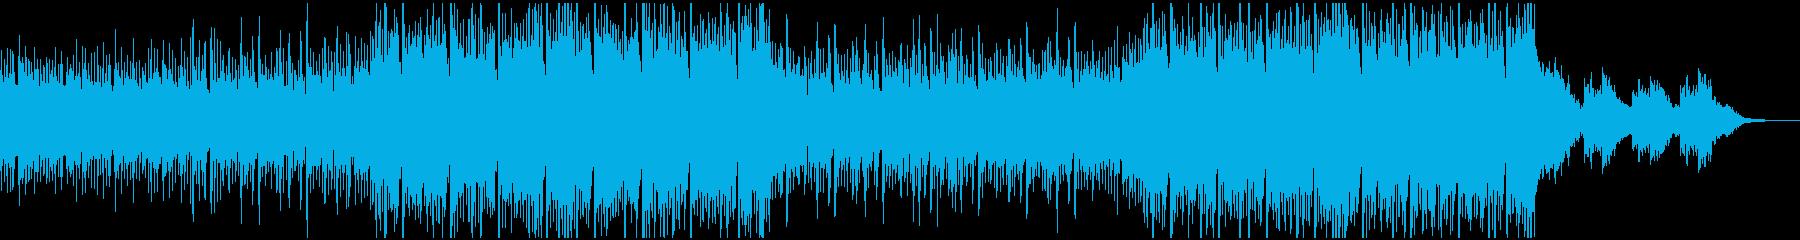 ゆったりおしゃれなFuture Bassの再生済みの波形